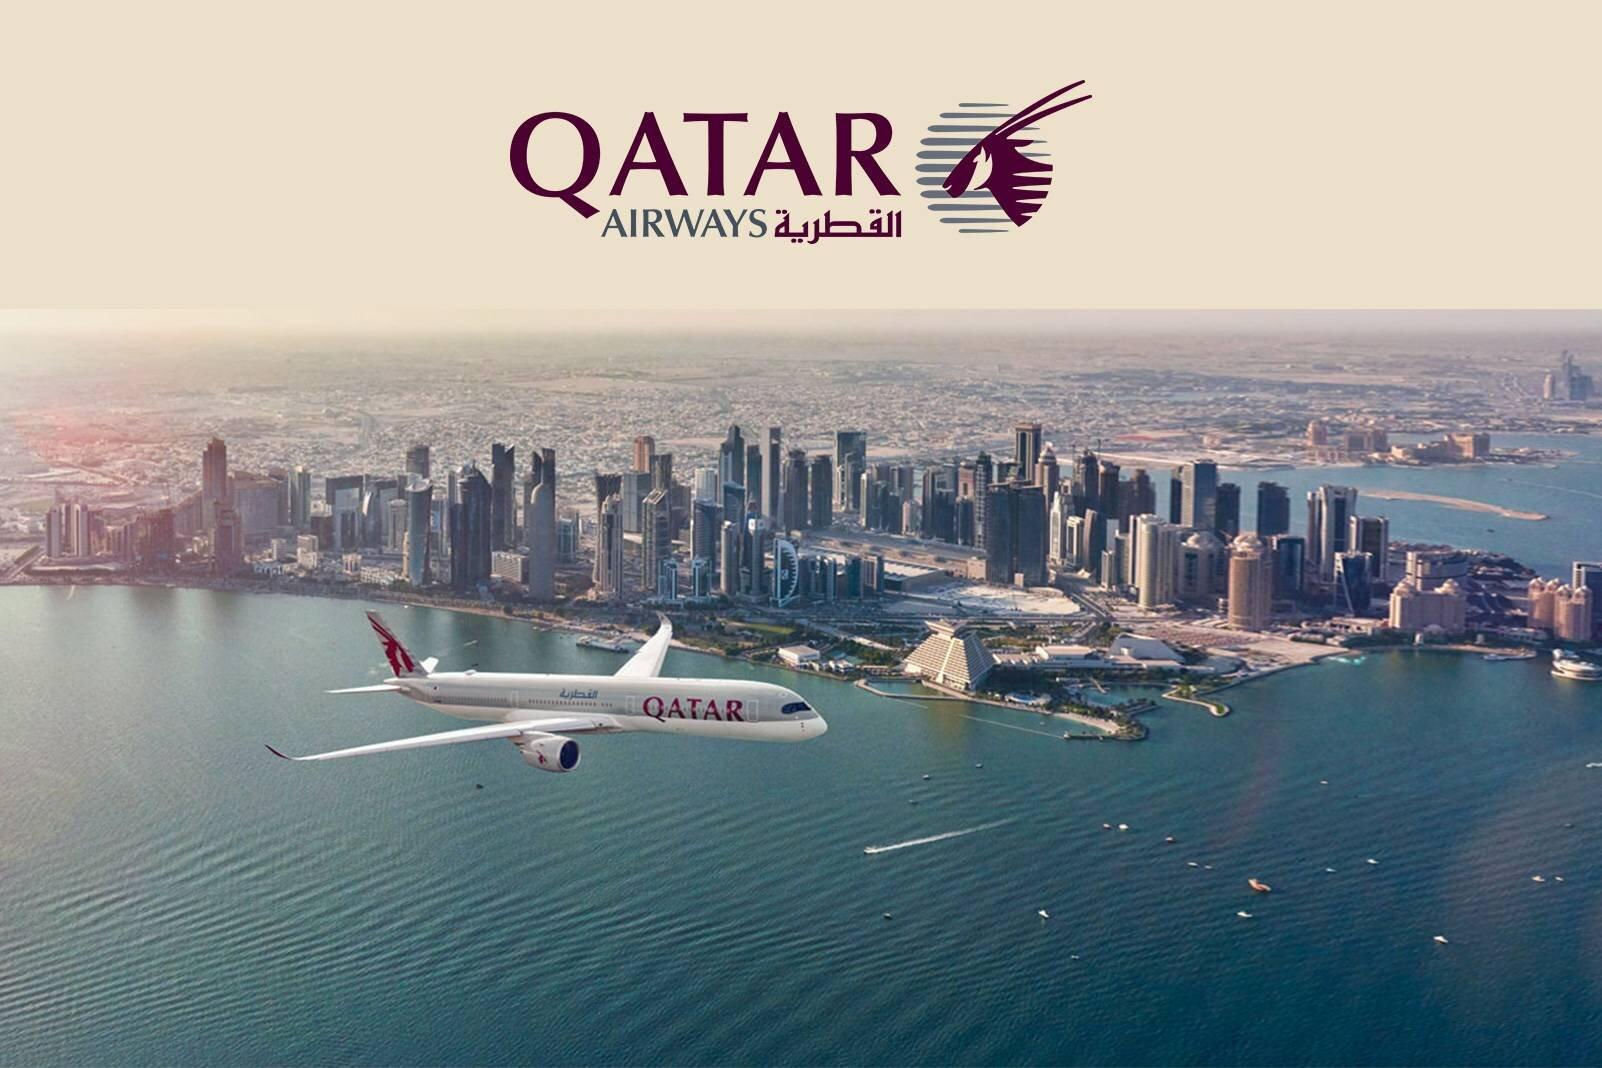 Qatar Airways ile Trabzon'dan Avantajlı Fiyatlarla Uçun!